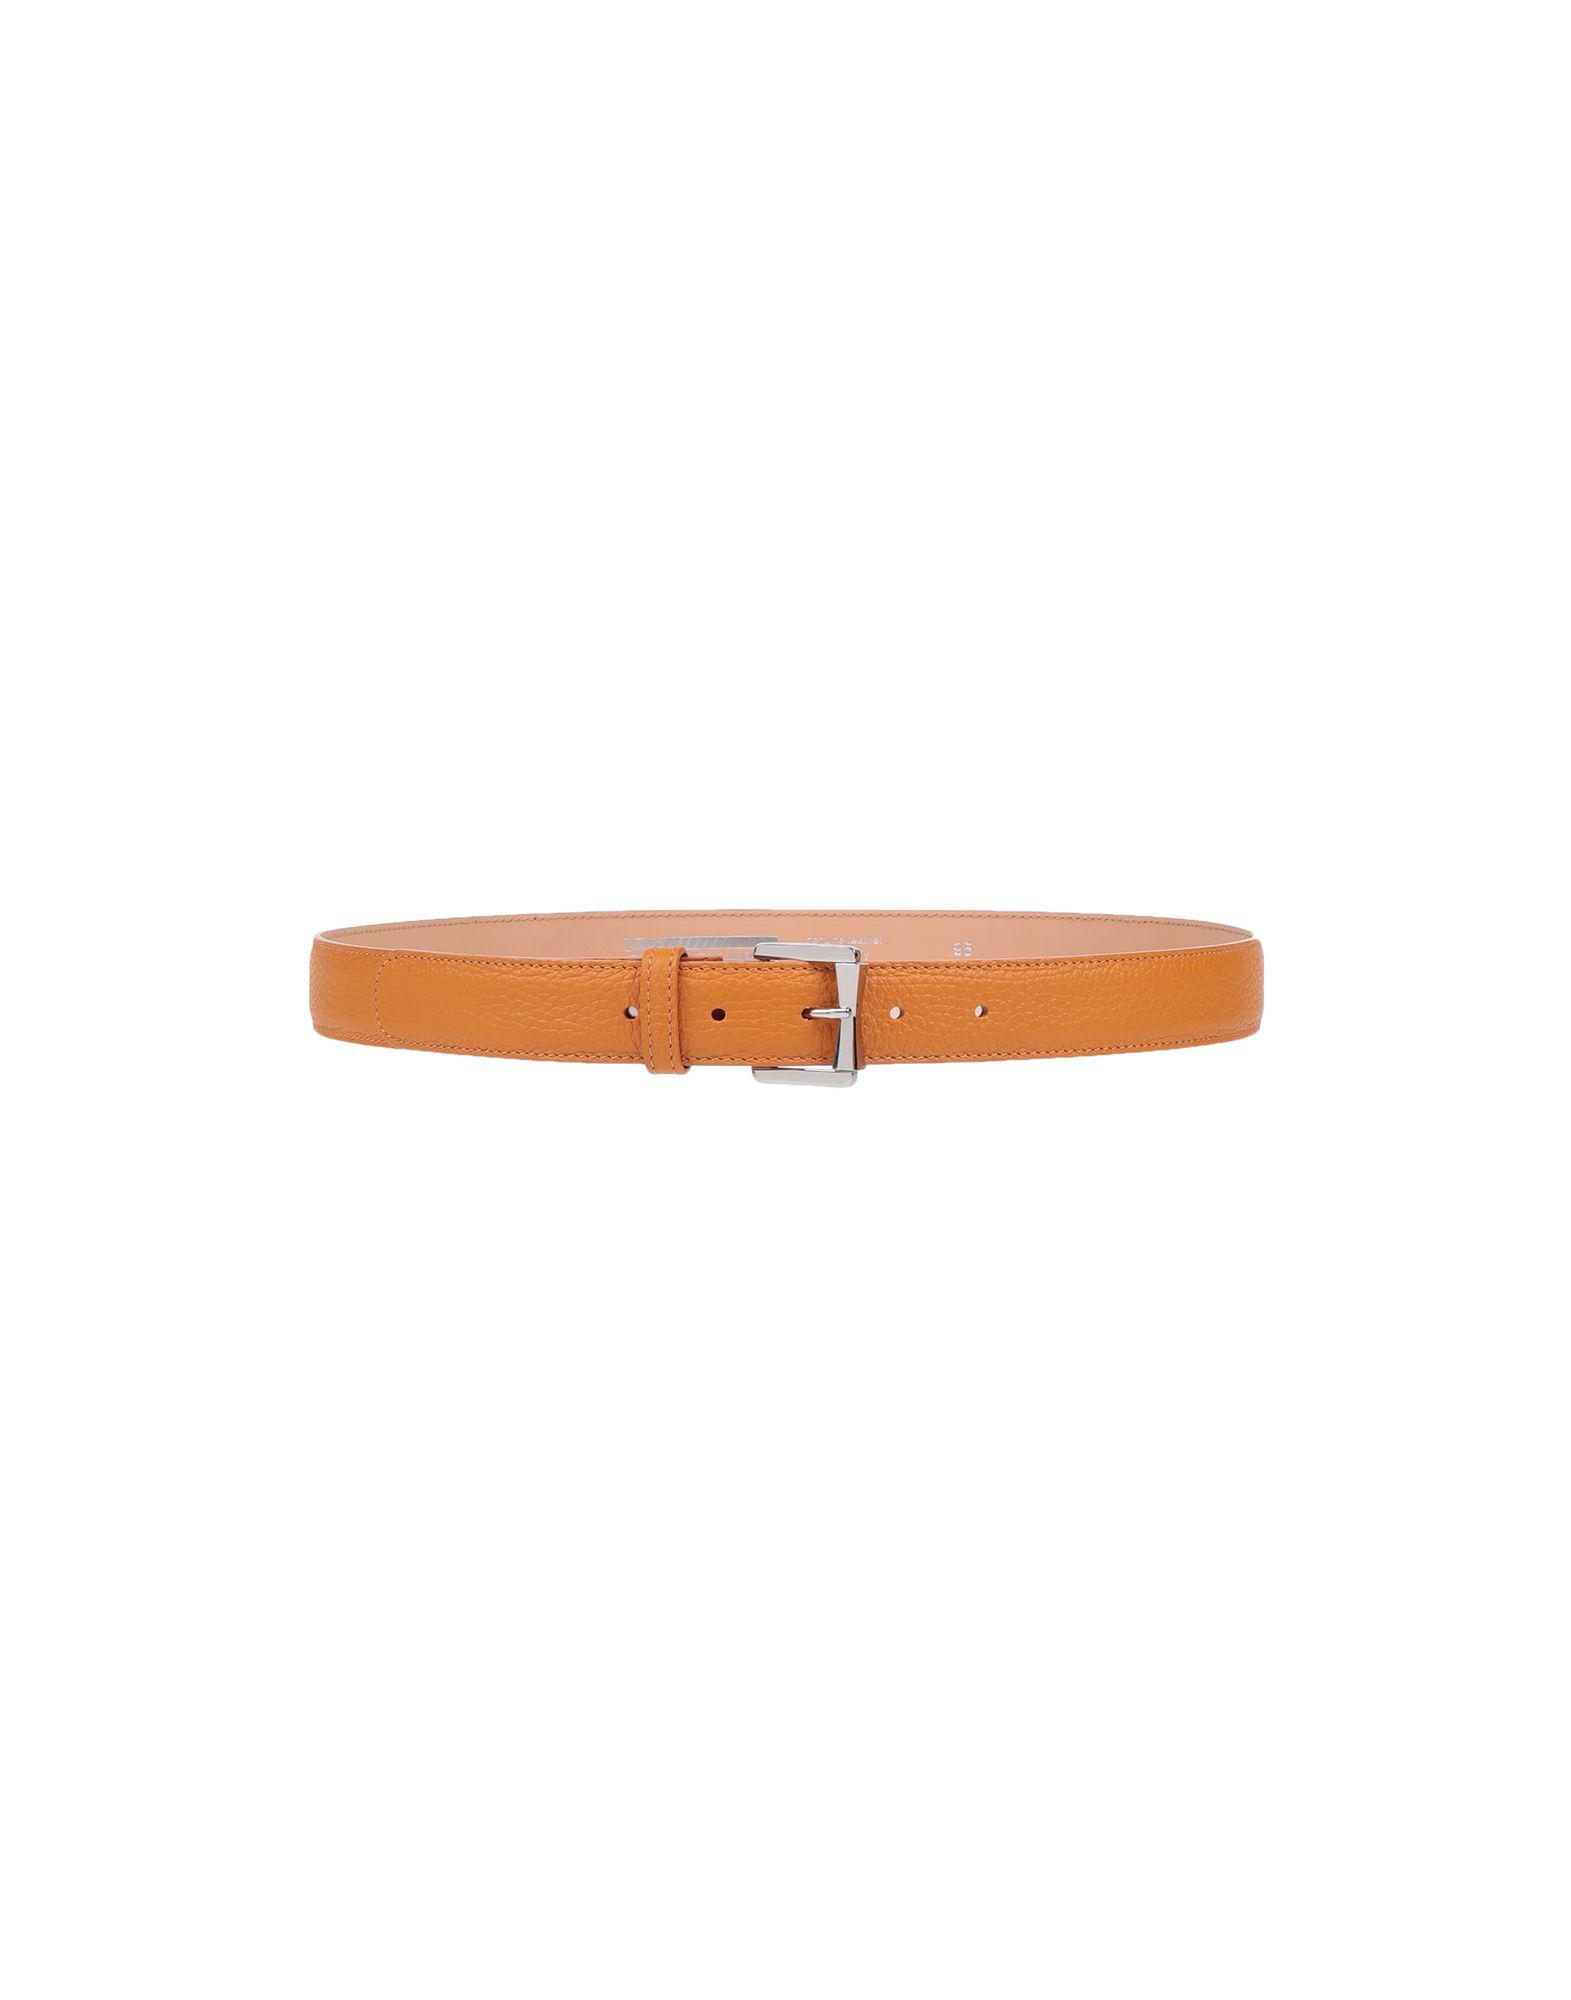 Gianni Chiarini Regular Belt In Tan